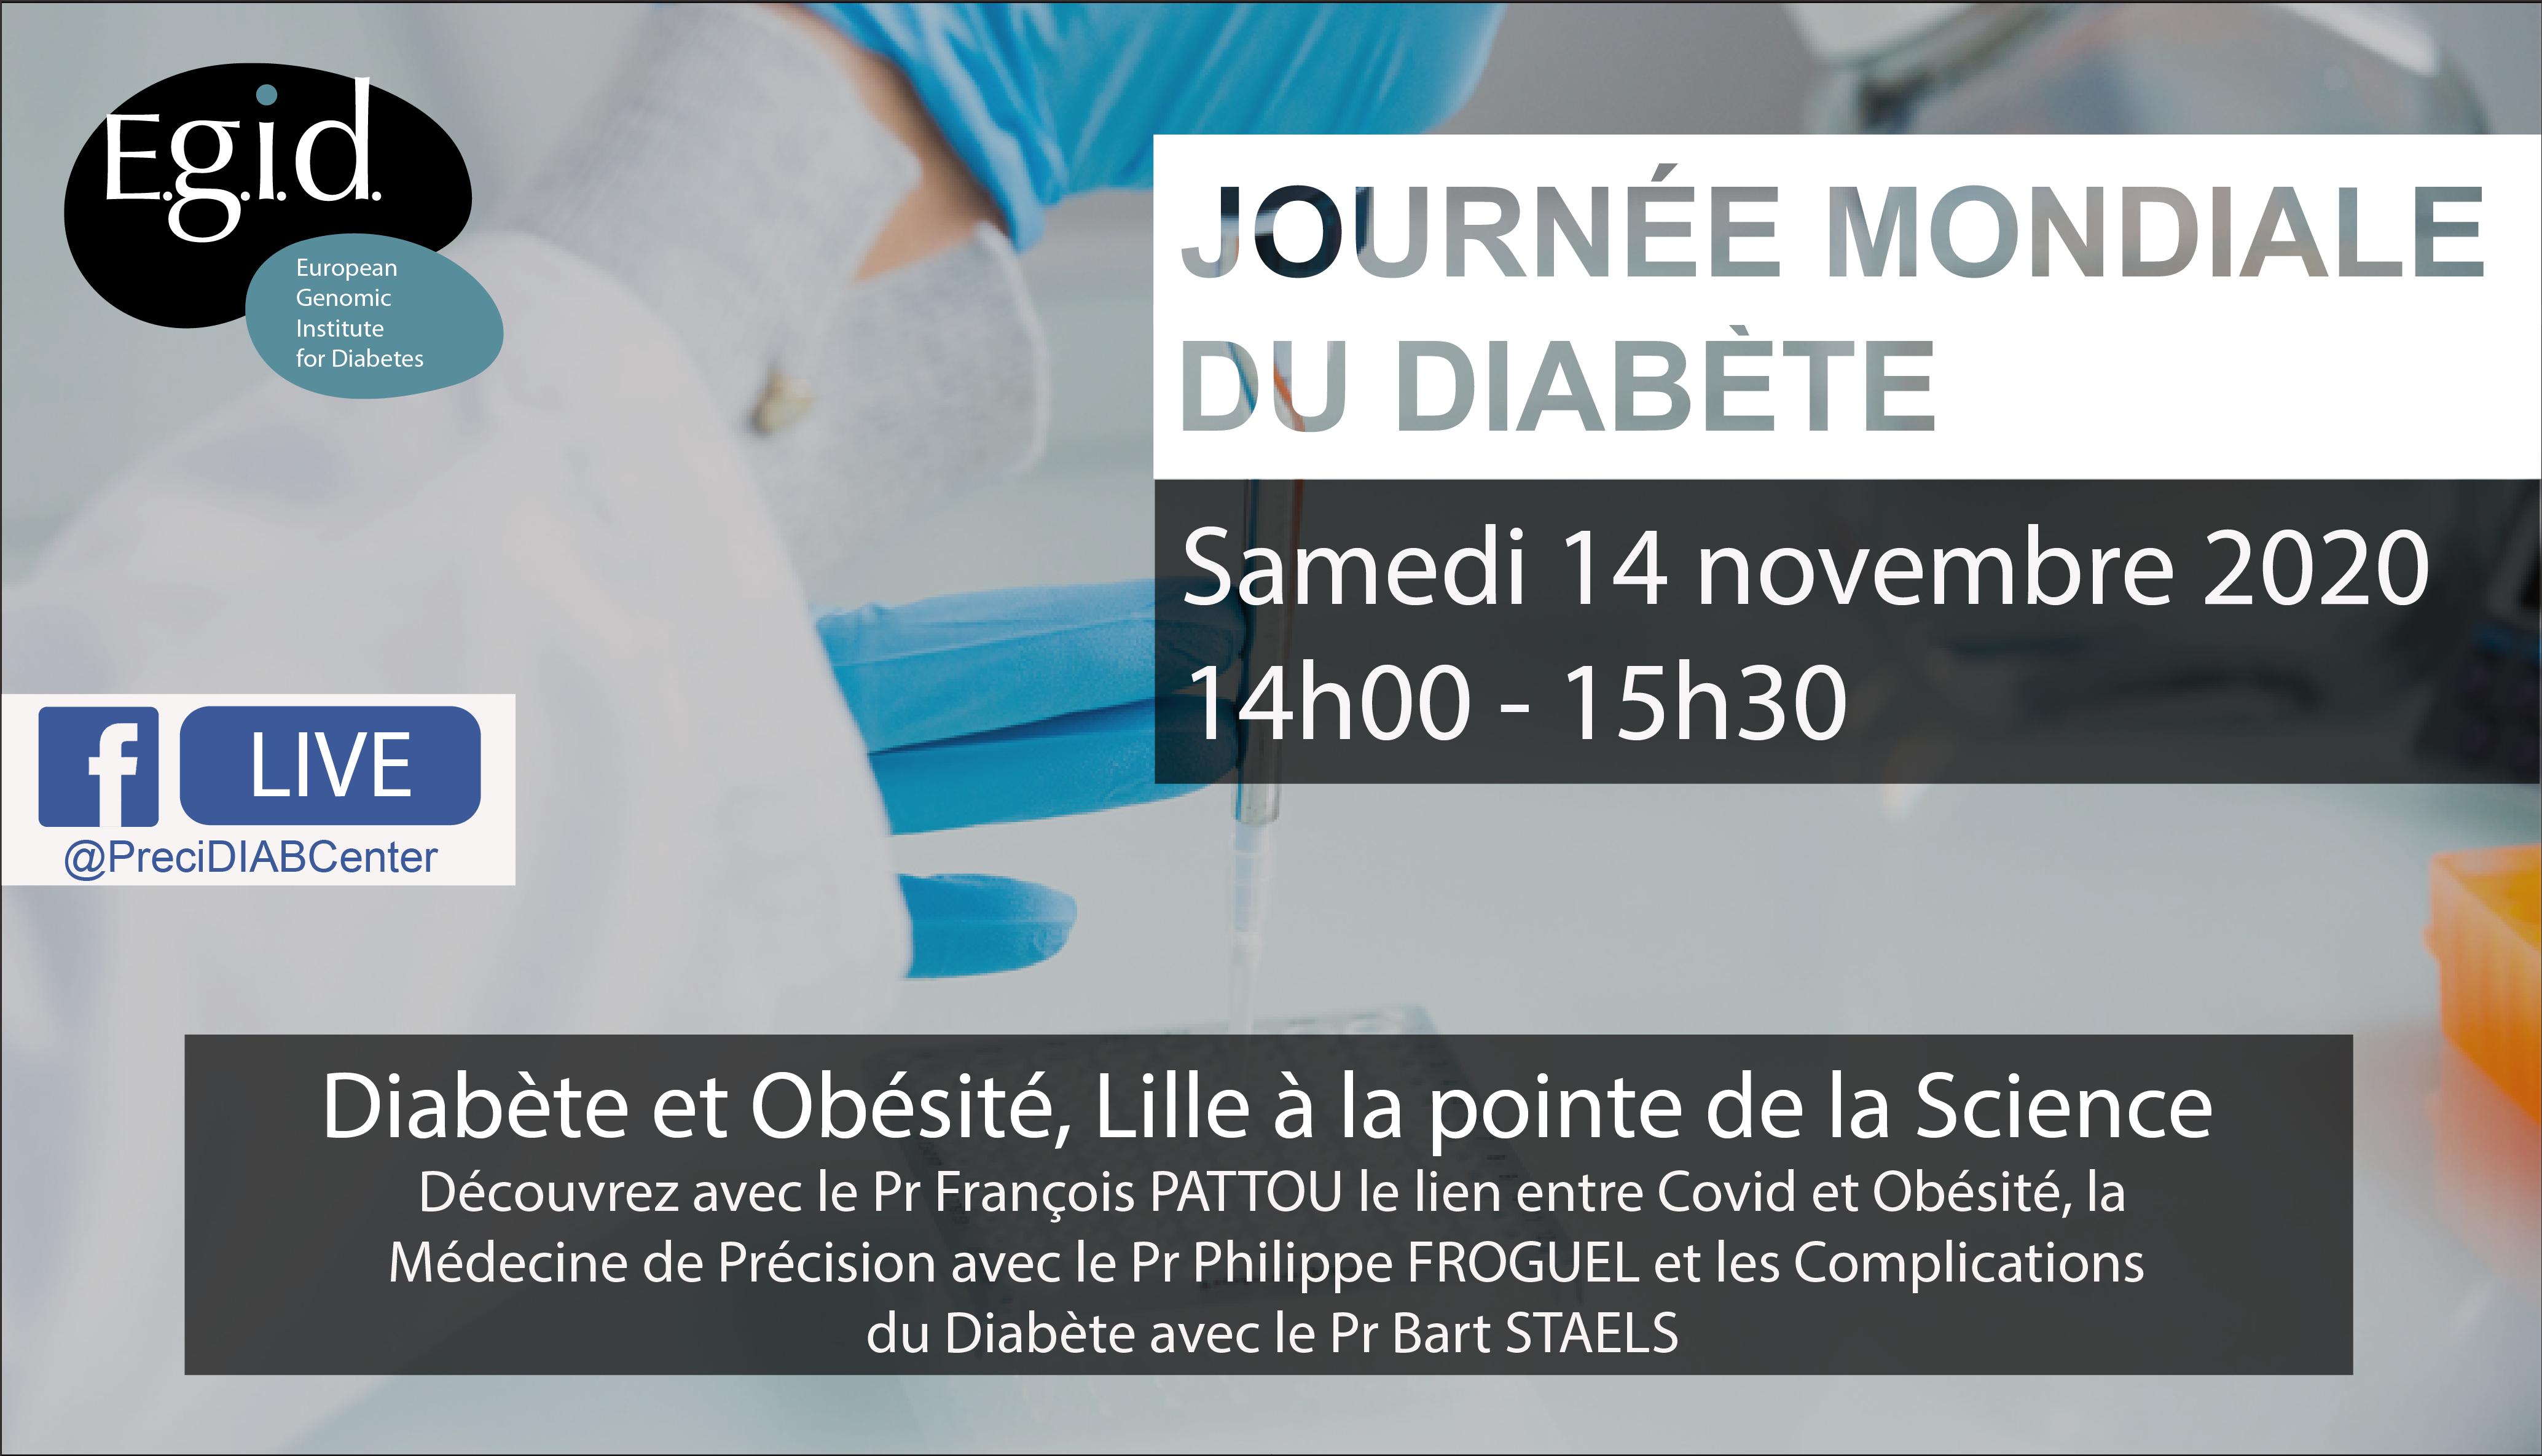 Diabète et obésité, Lille à la pointe de la science